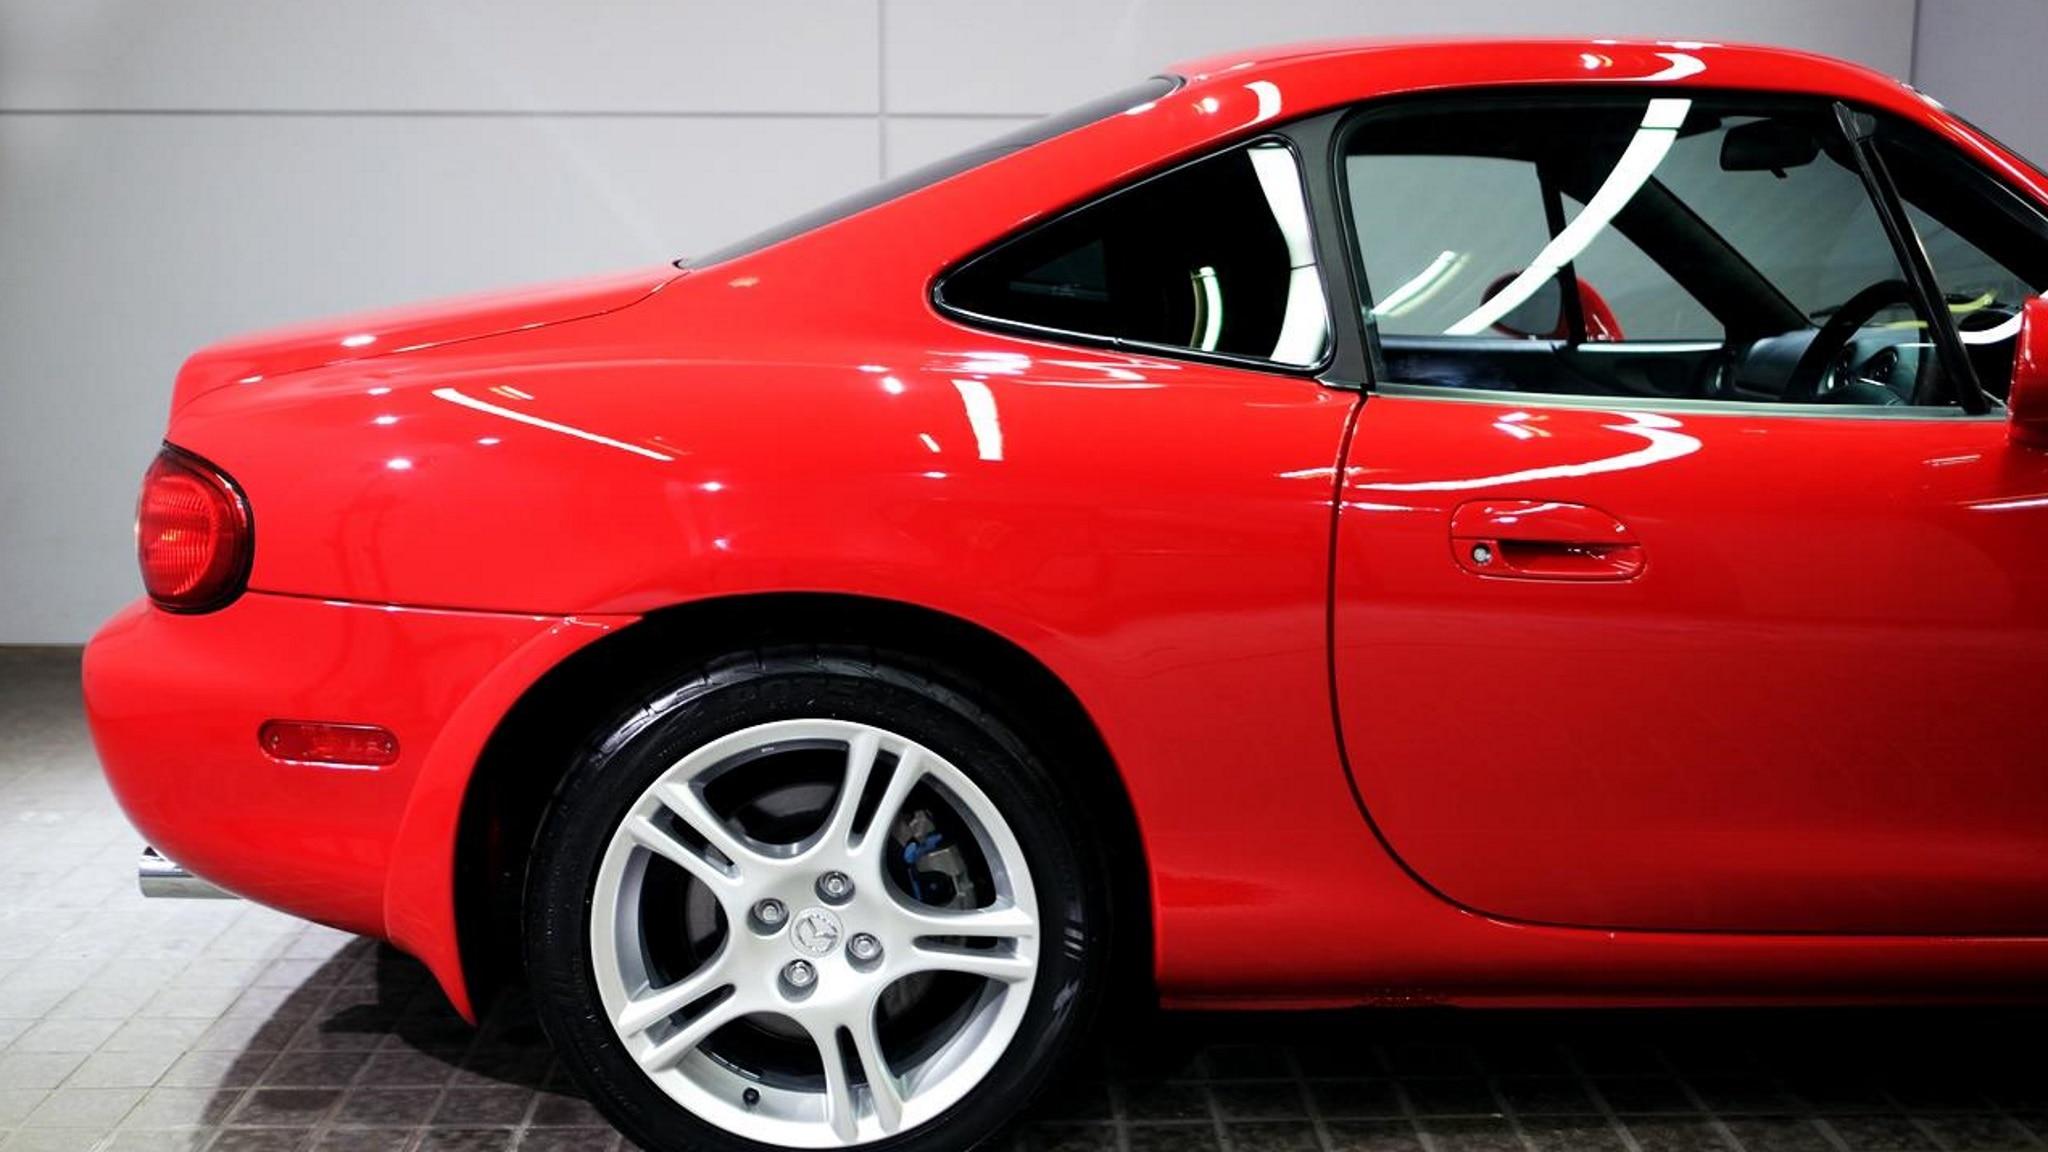 2004 Mazda Miata Coupe Rear Roof